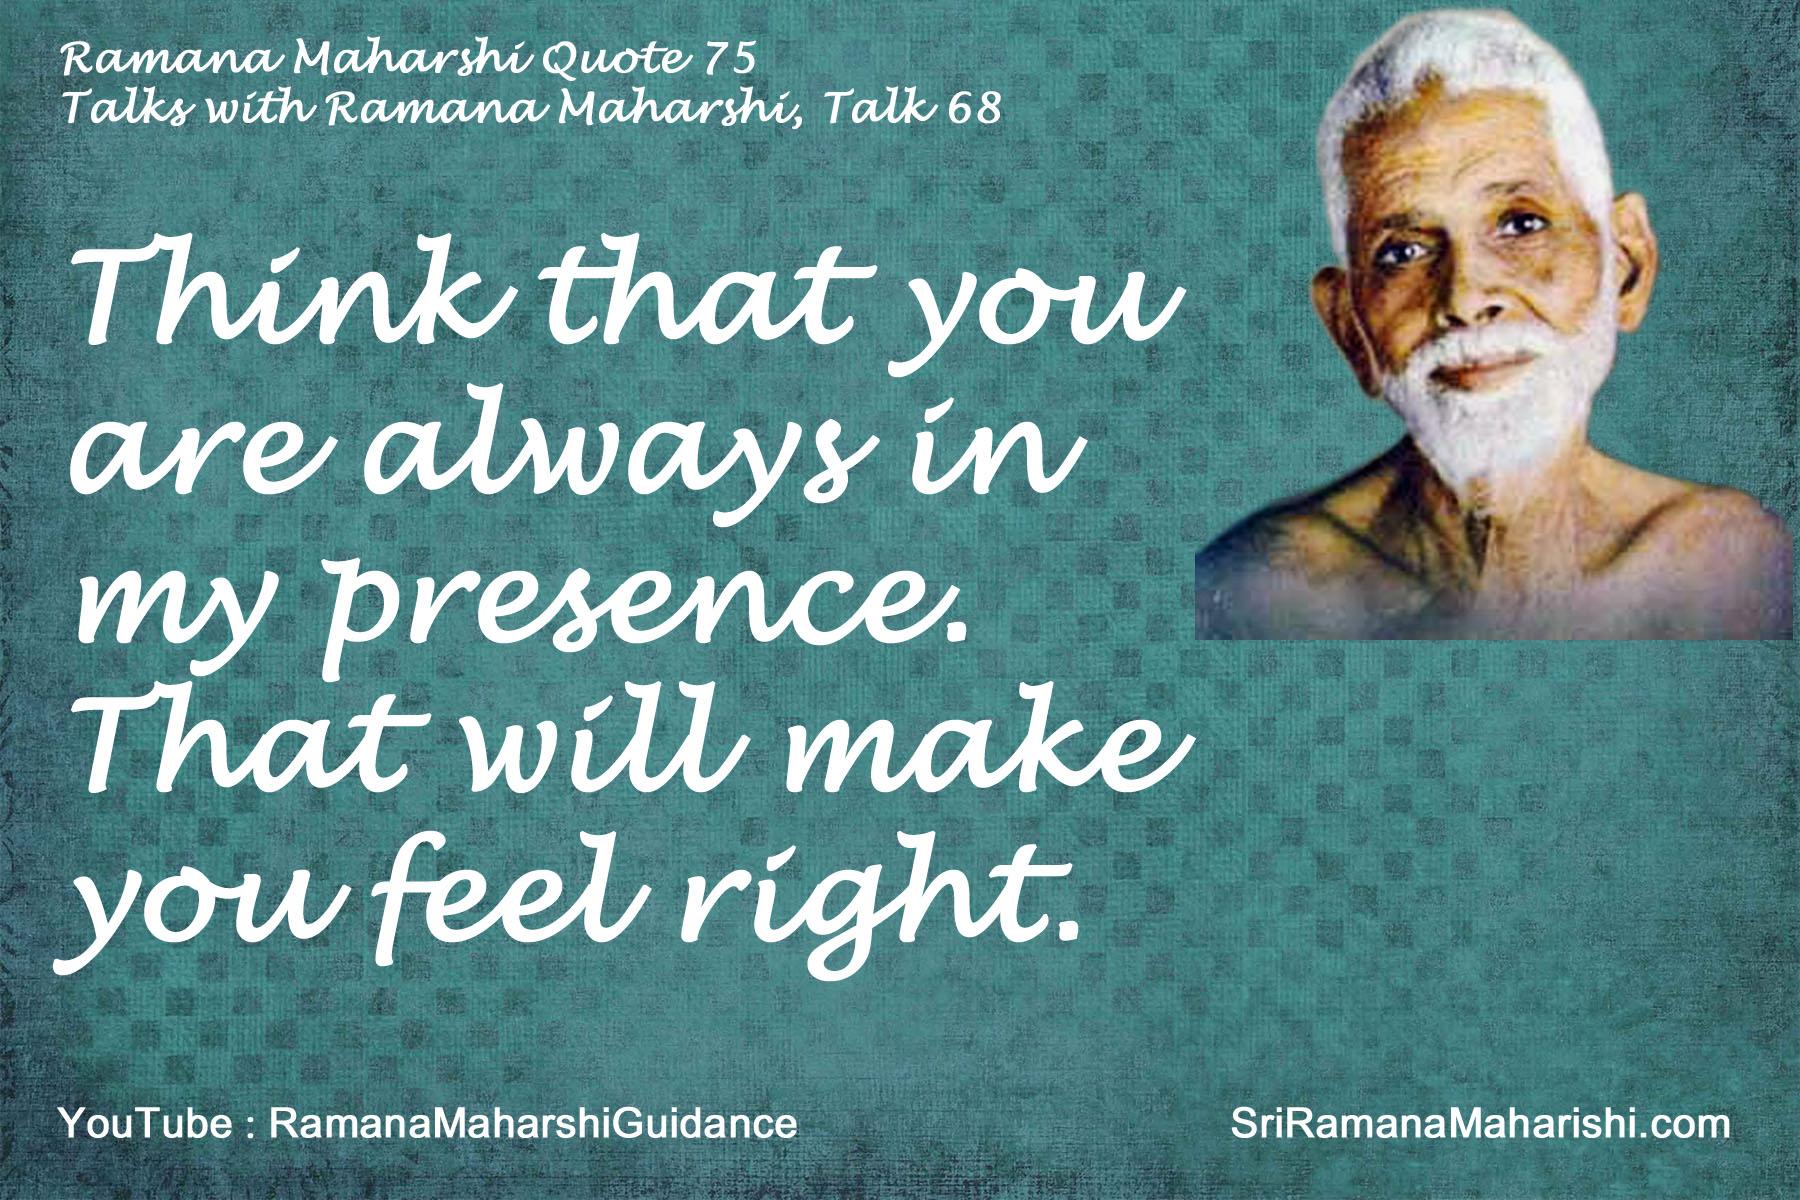 Ramana Maharshi Quote 75